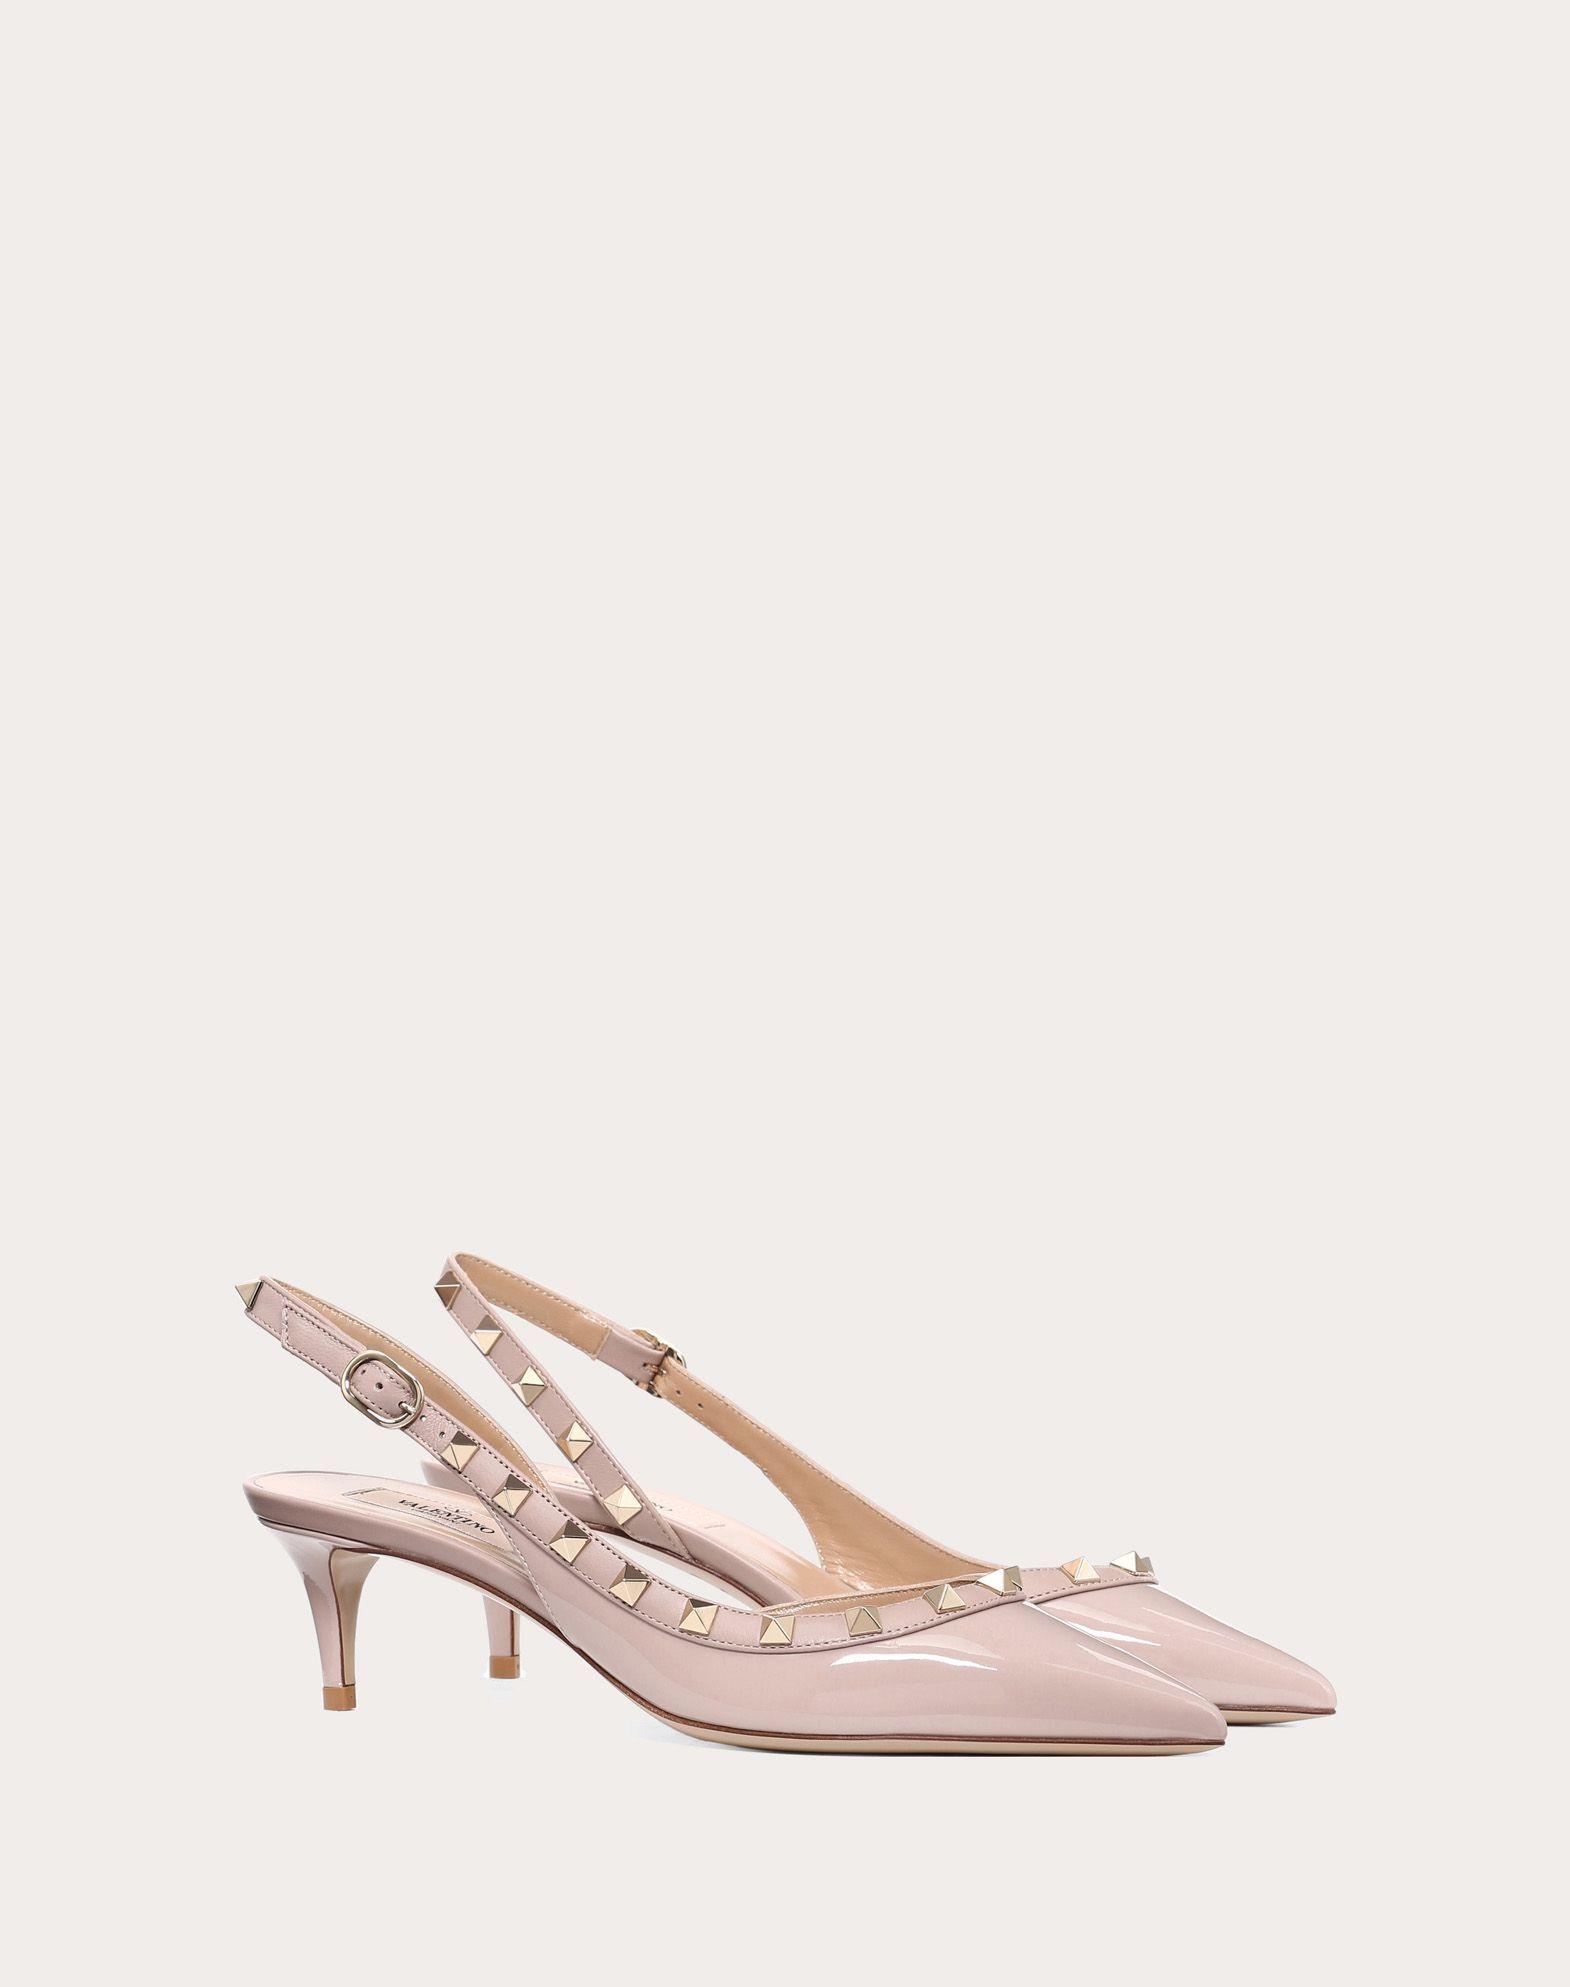 Zapato de charol destalonado, de Valentino.